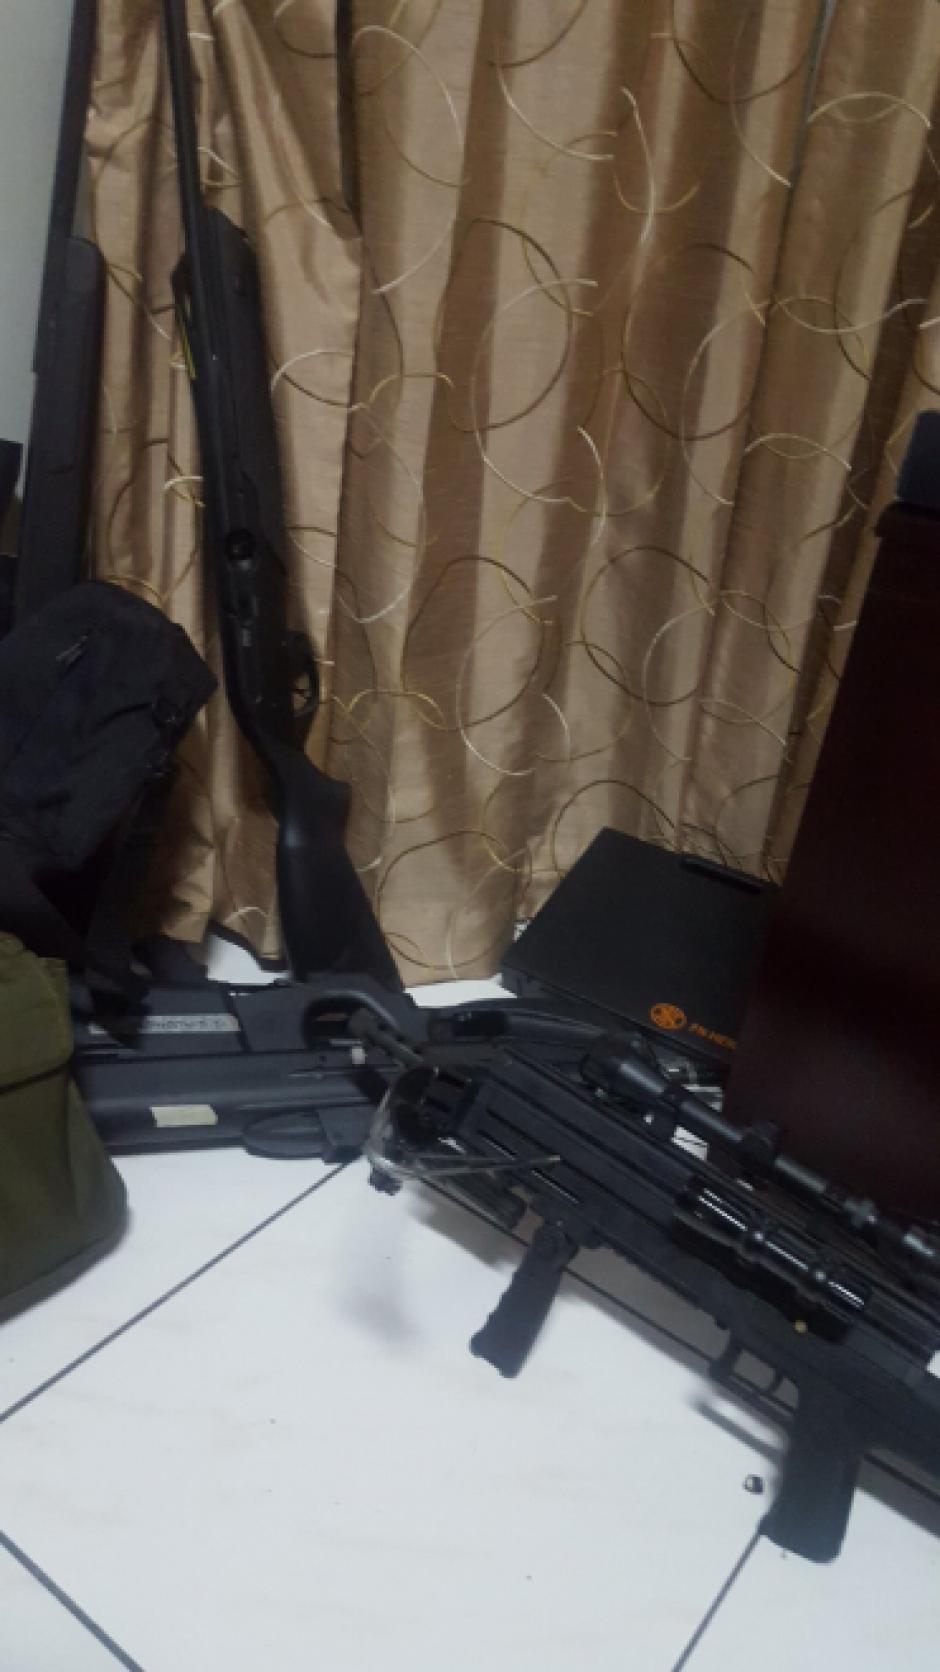 Todas las armas justificó Funes que son legales. (Foto: Twitter, @FGR_SV)